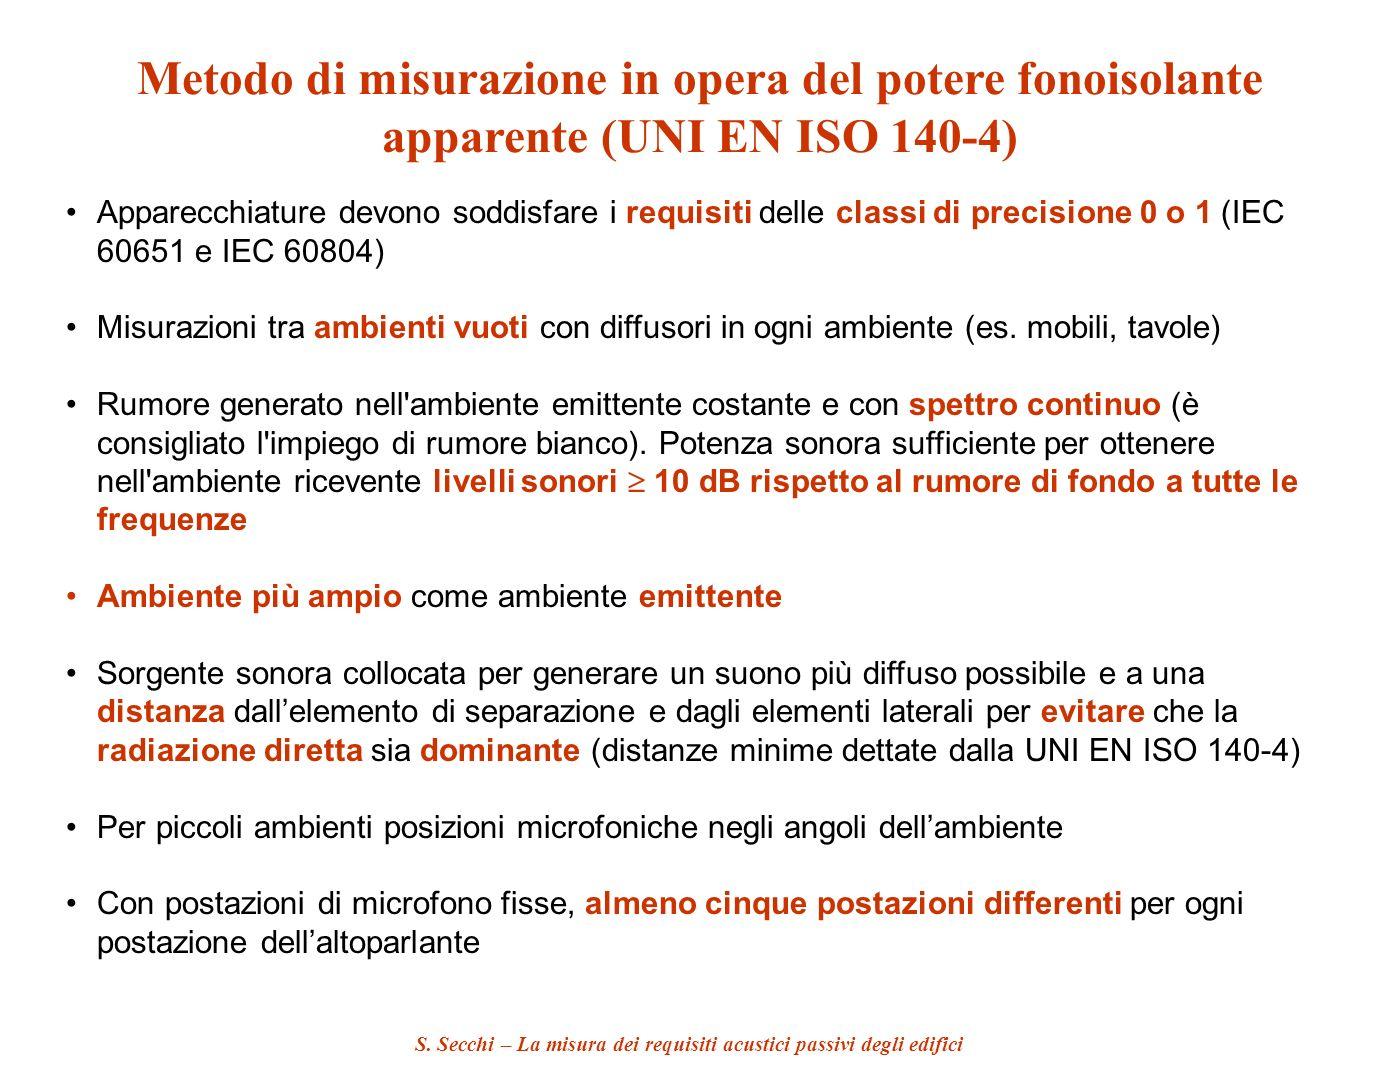 S. Secchi – La misura dei requisiti acustici passivi degli edifici Metodo di misurazione in opera del potere fonoisolante apparente (UNI EN ISO 140-4)